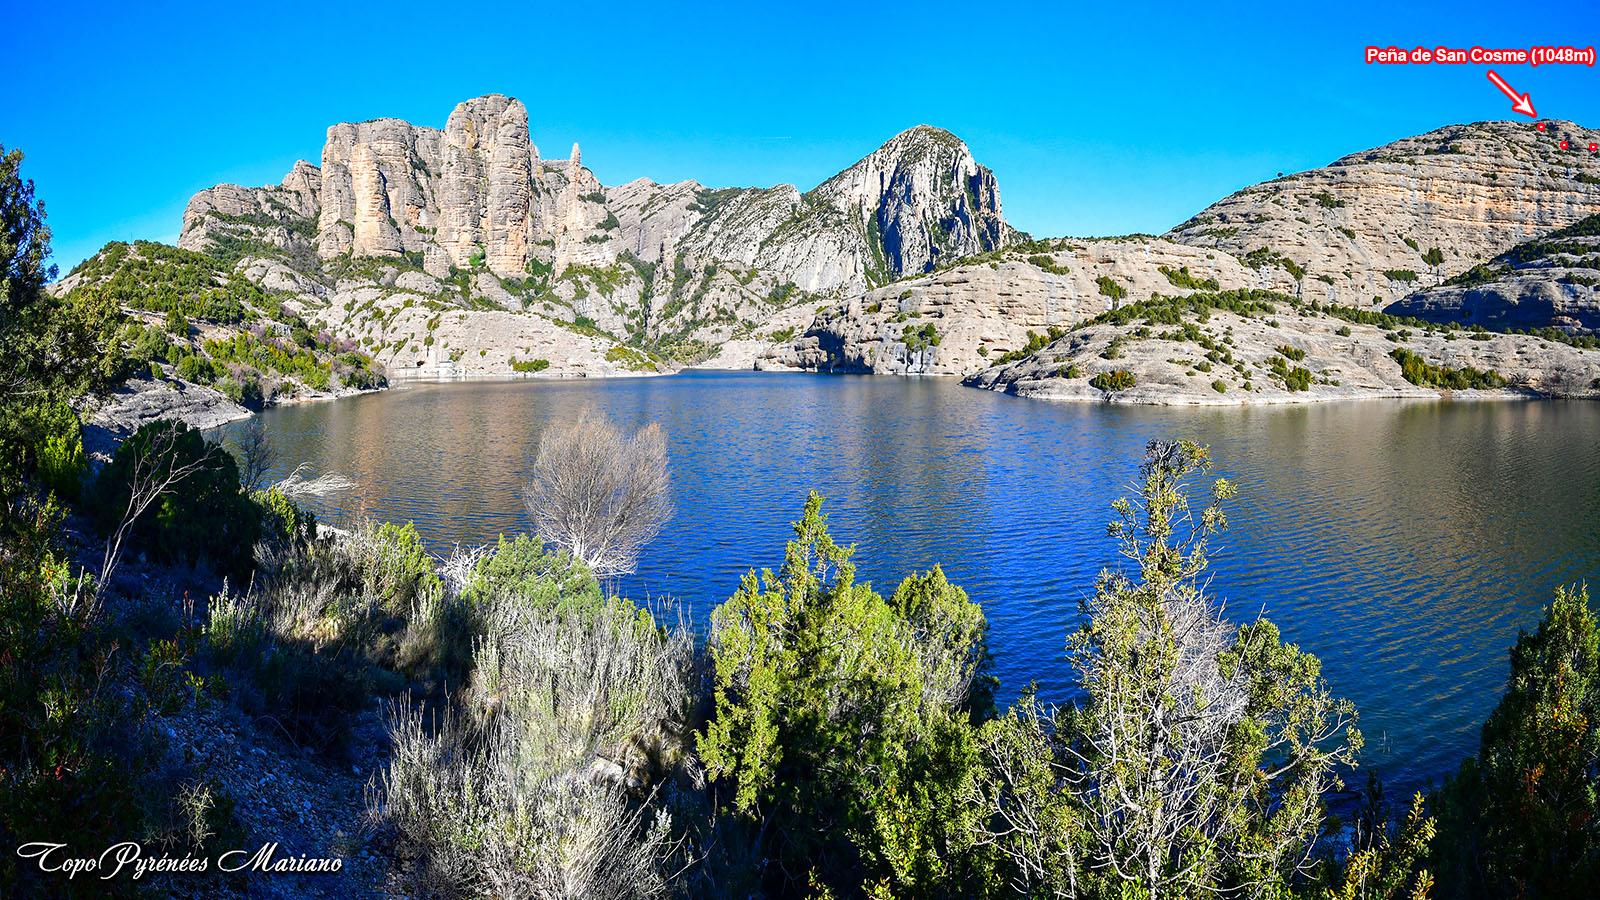 Randonnée Peña de San Cosme (1048m) y el Huevo (910m) depuis Vadiello